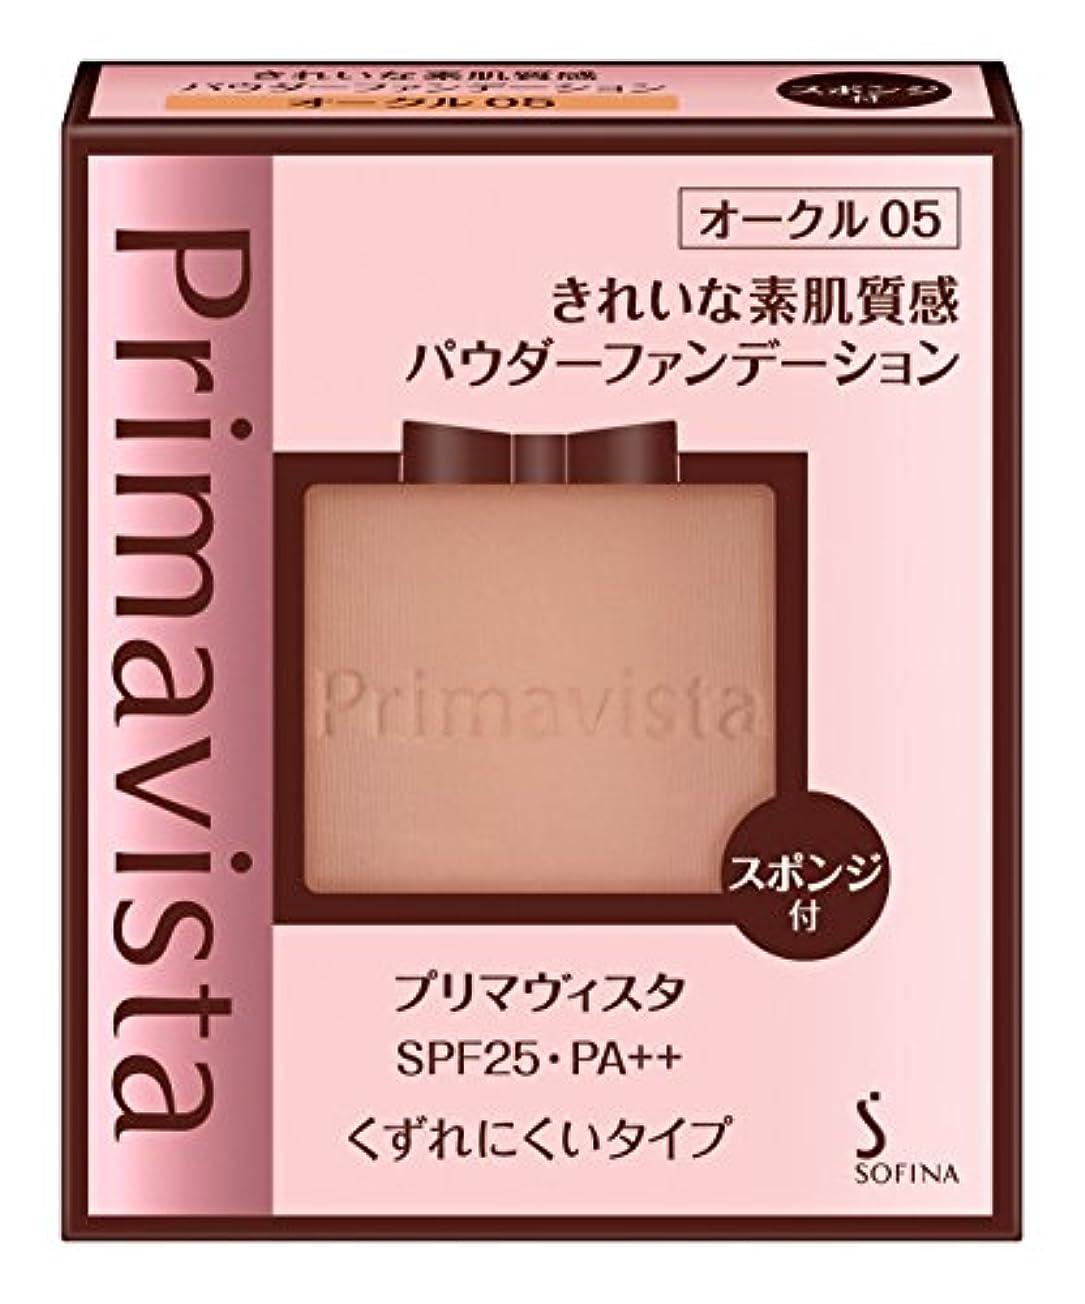 枯れる汚い誠実さプリマヴィスタ きれいな素肌質感パウダーファンデーション オークル05 SPF25 PA++ 9g